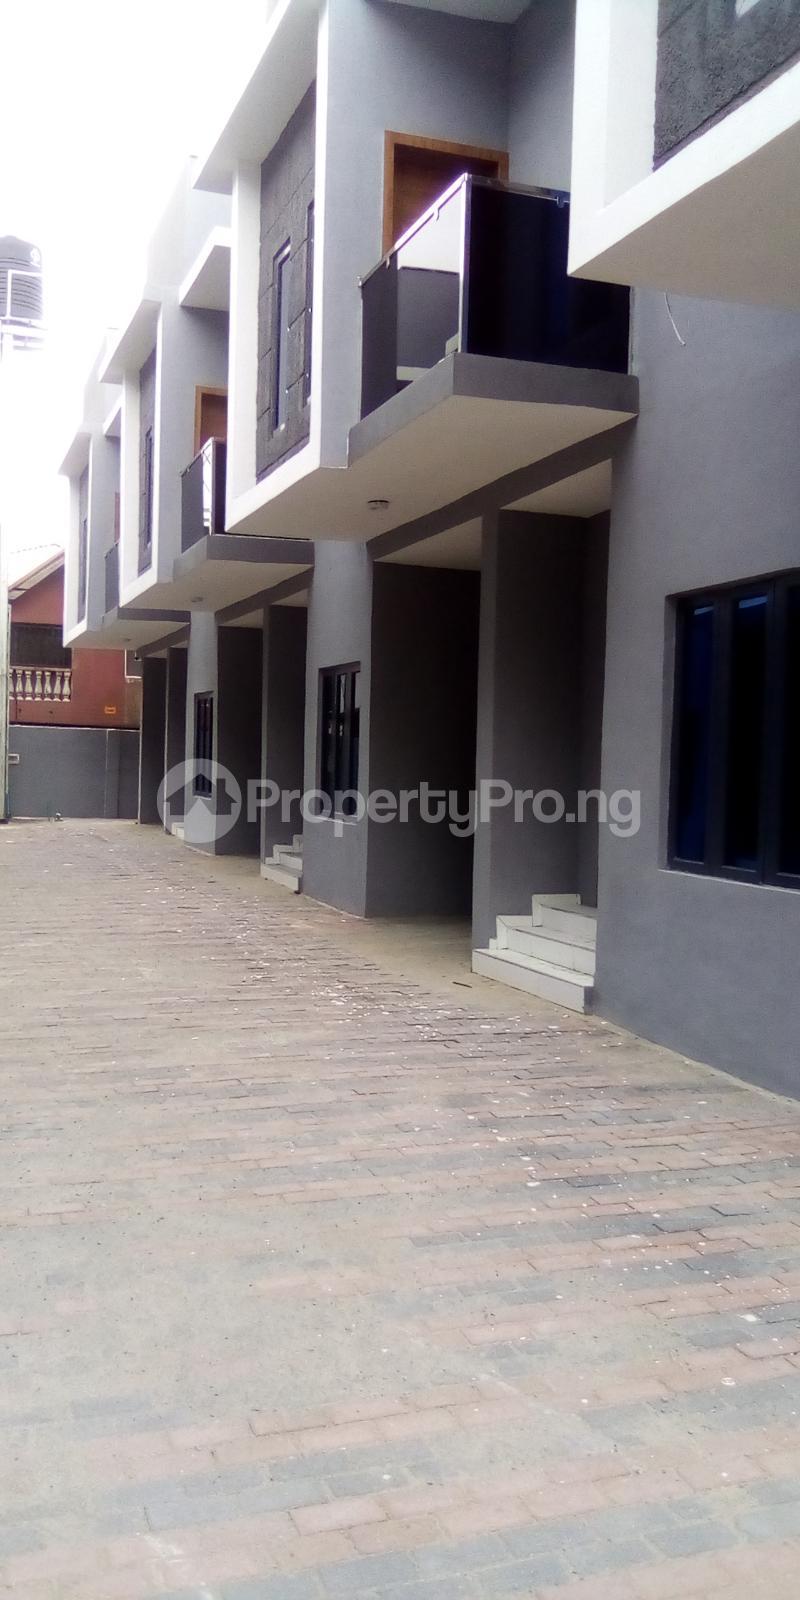 4 bedroom Terraced Duplex for rent Agungi Estate Agungi Lekki Lagos - 0